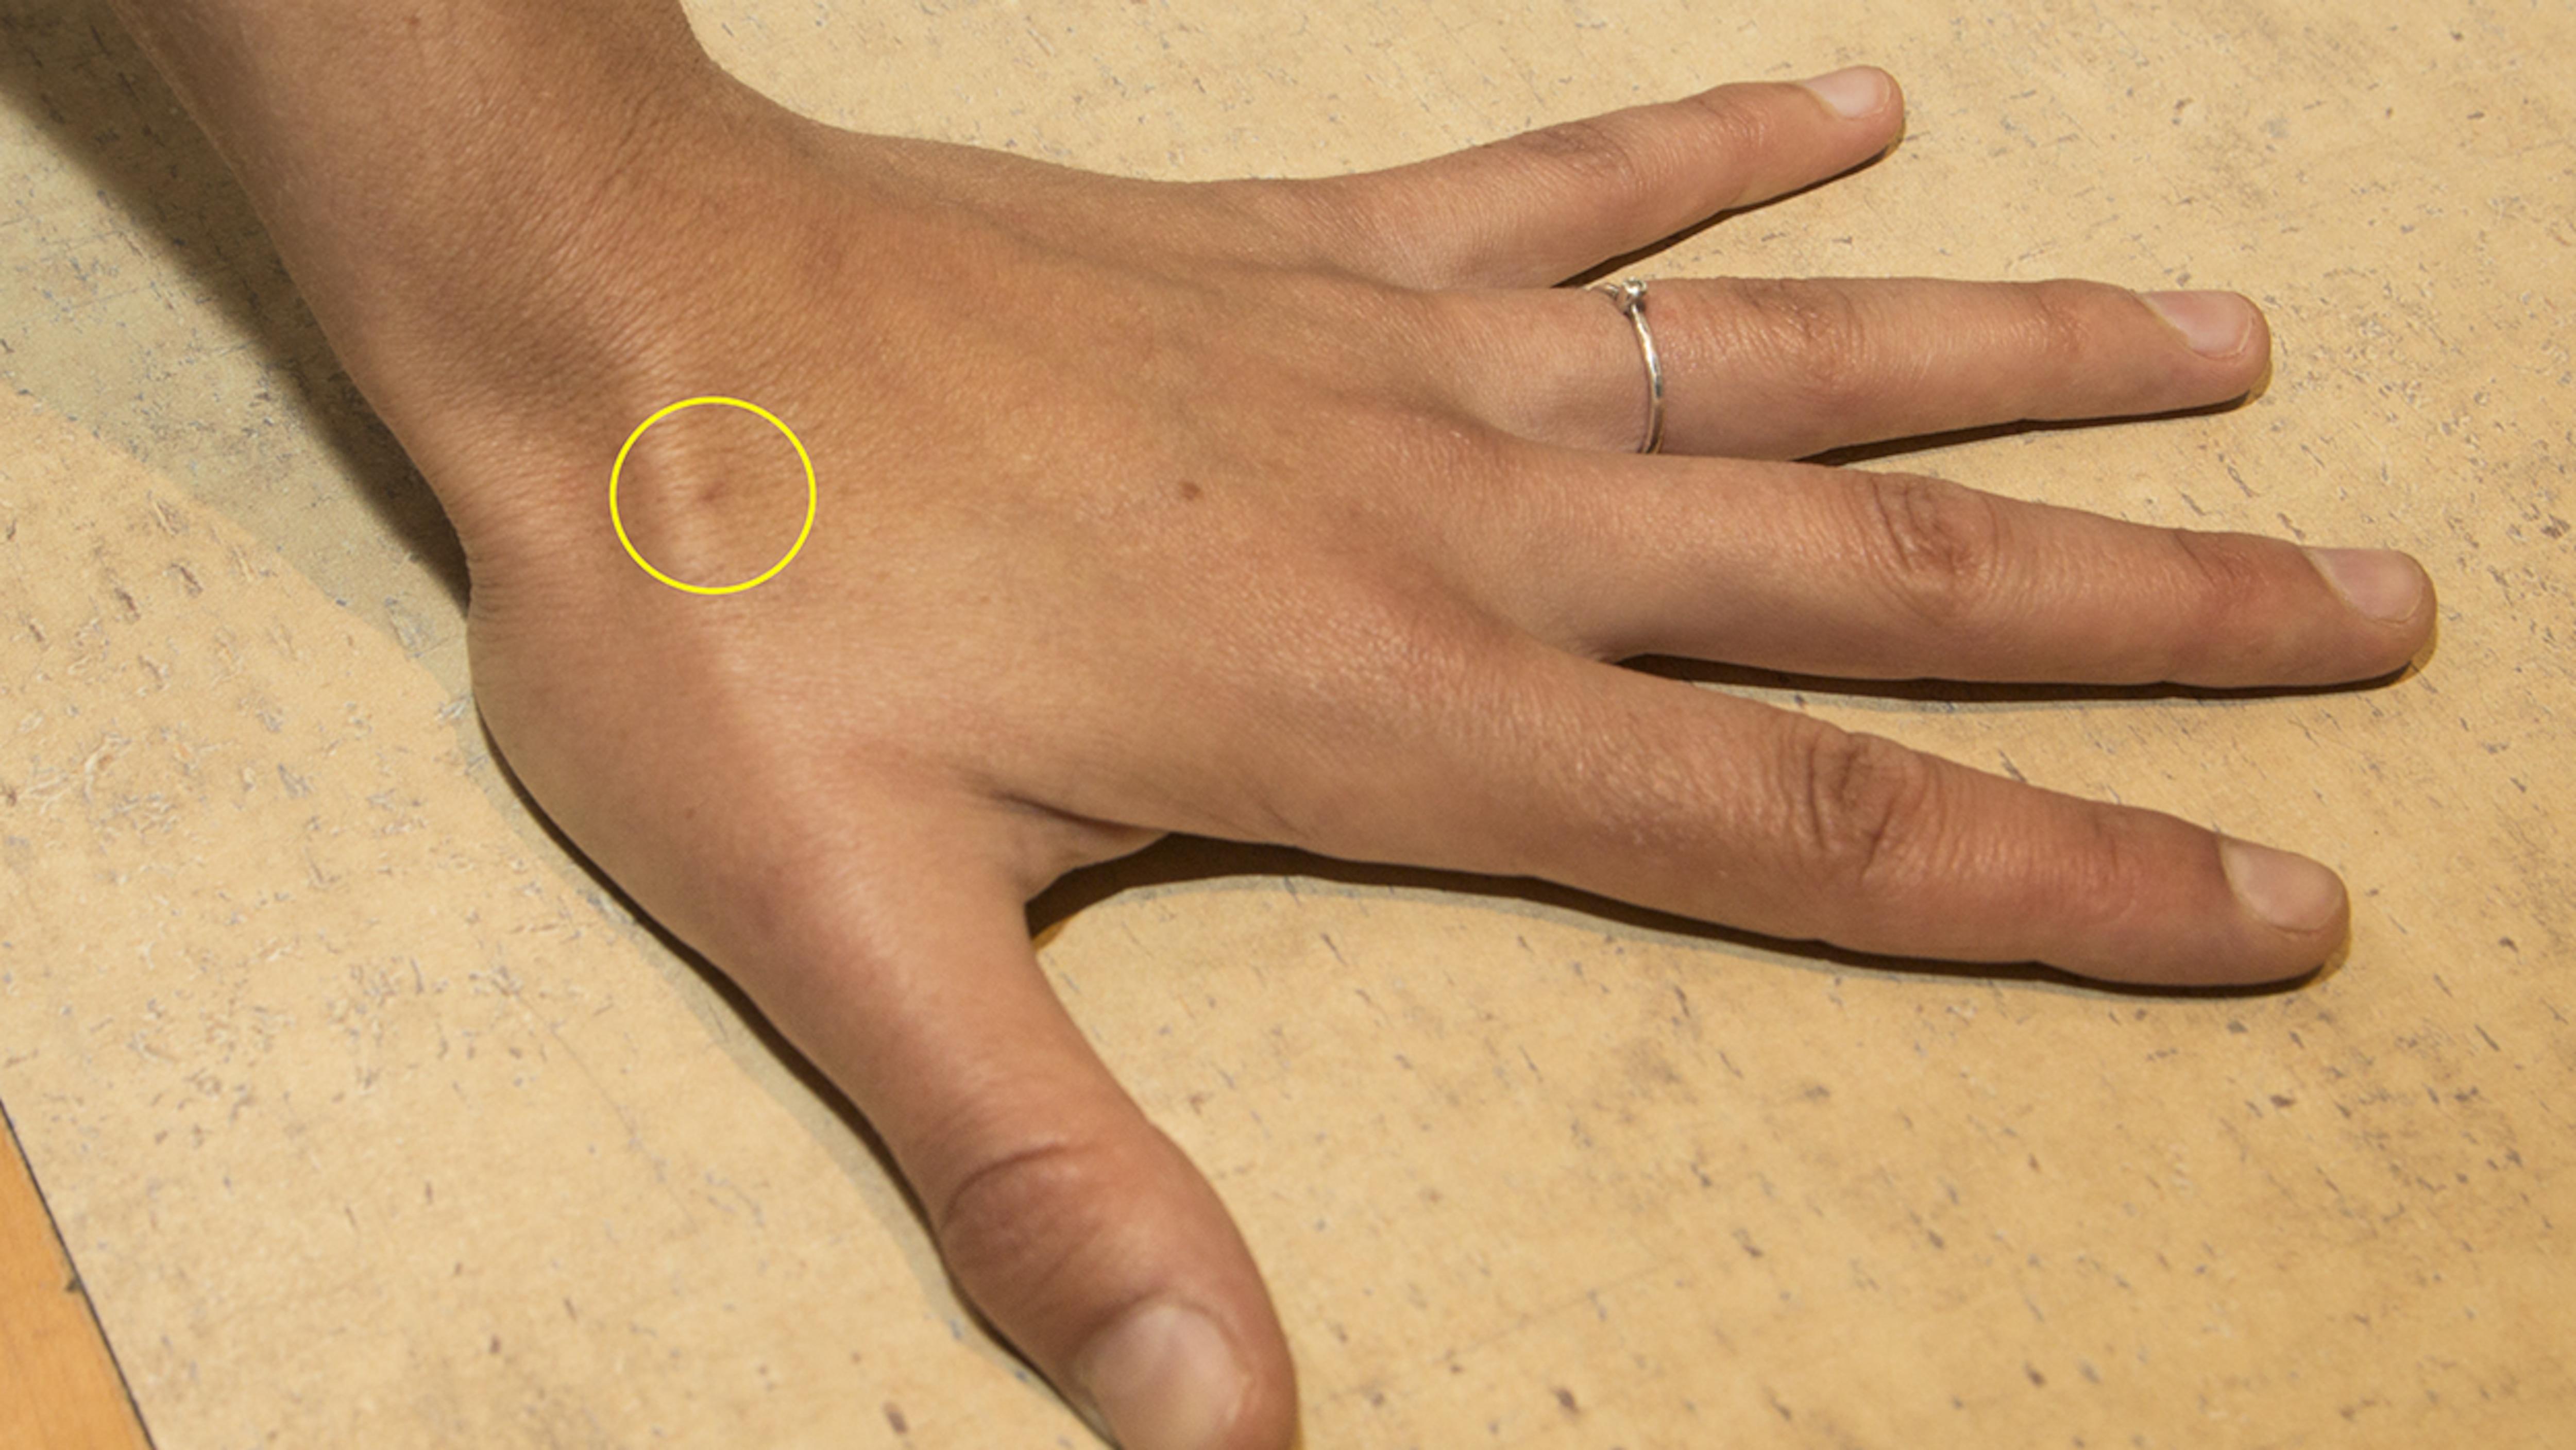 La main de Dominique Leclerc. Le cercle jaune indique la zone sous laquelle une micropuce a été insérée par injection.